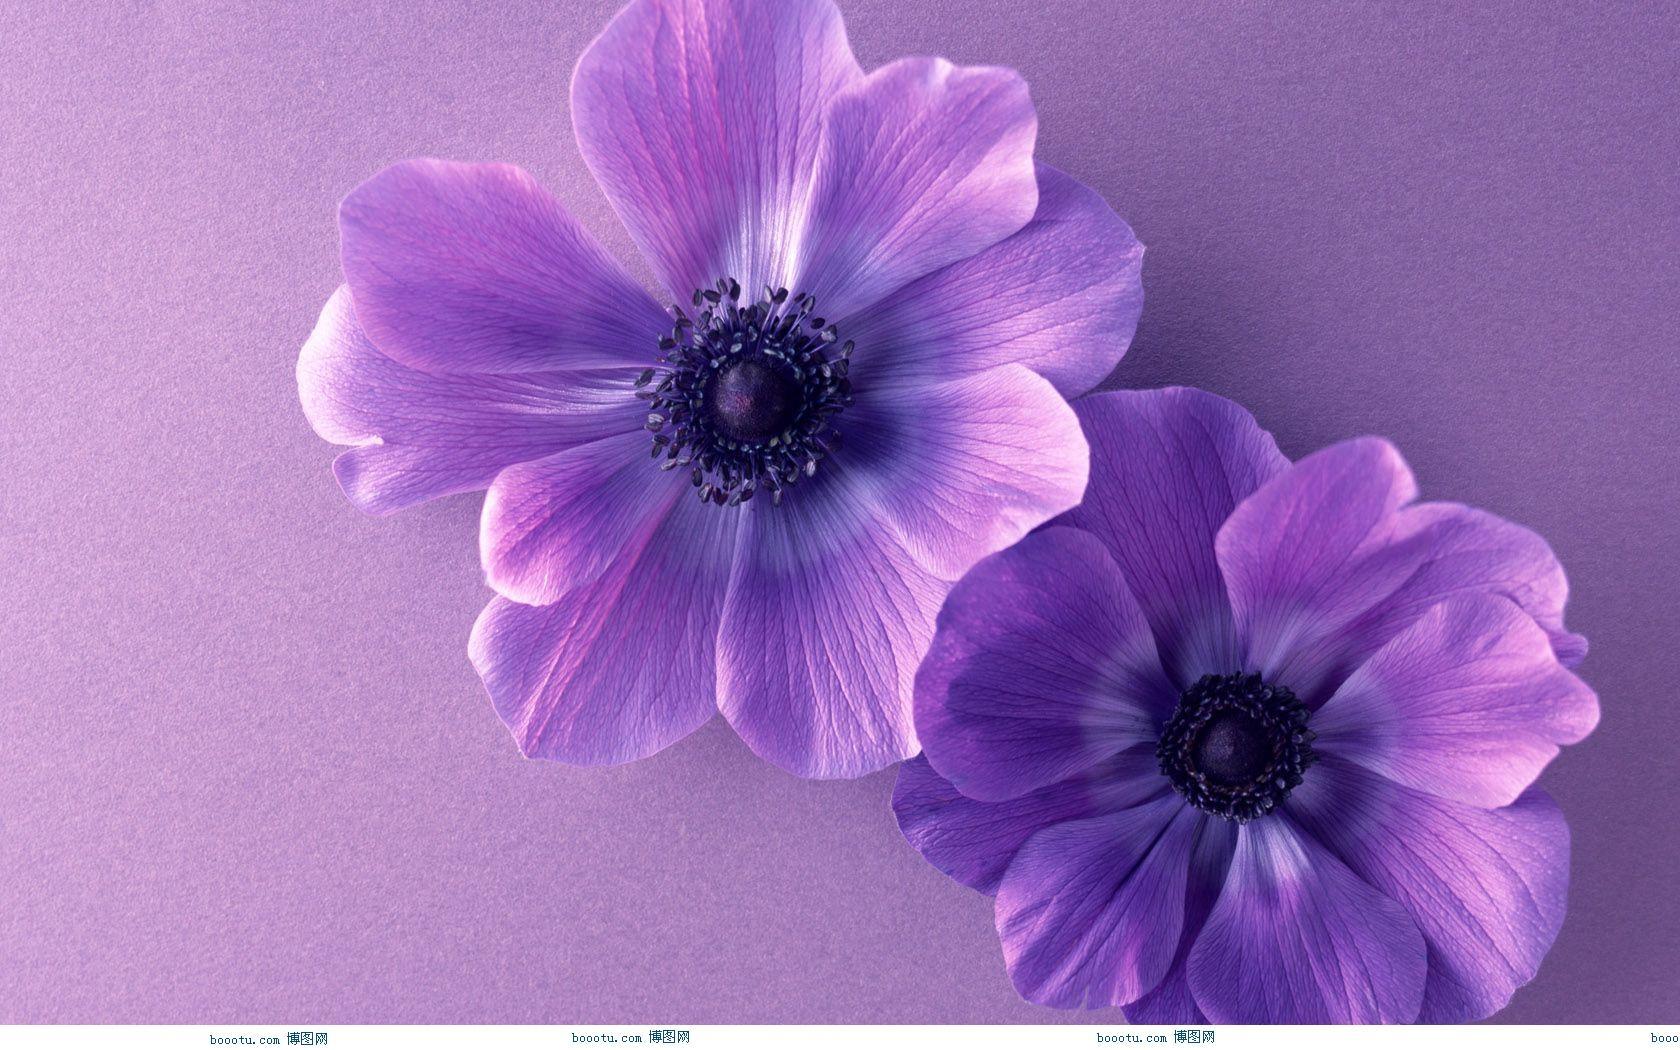 hd wallpapers purple flower wallpaper border desktop flowers 1680x1050 1680x1050